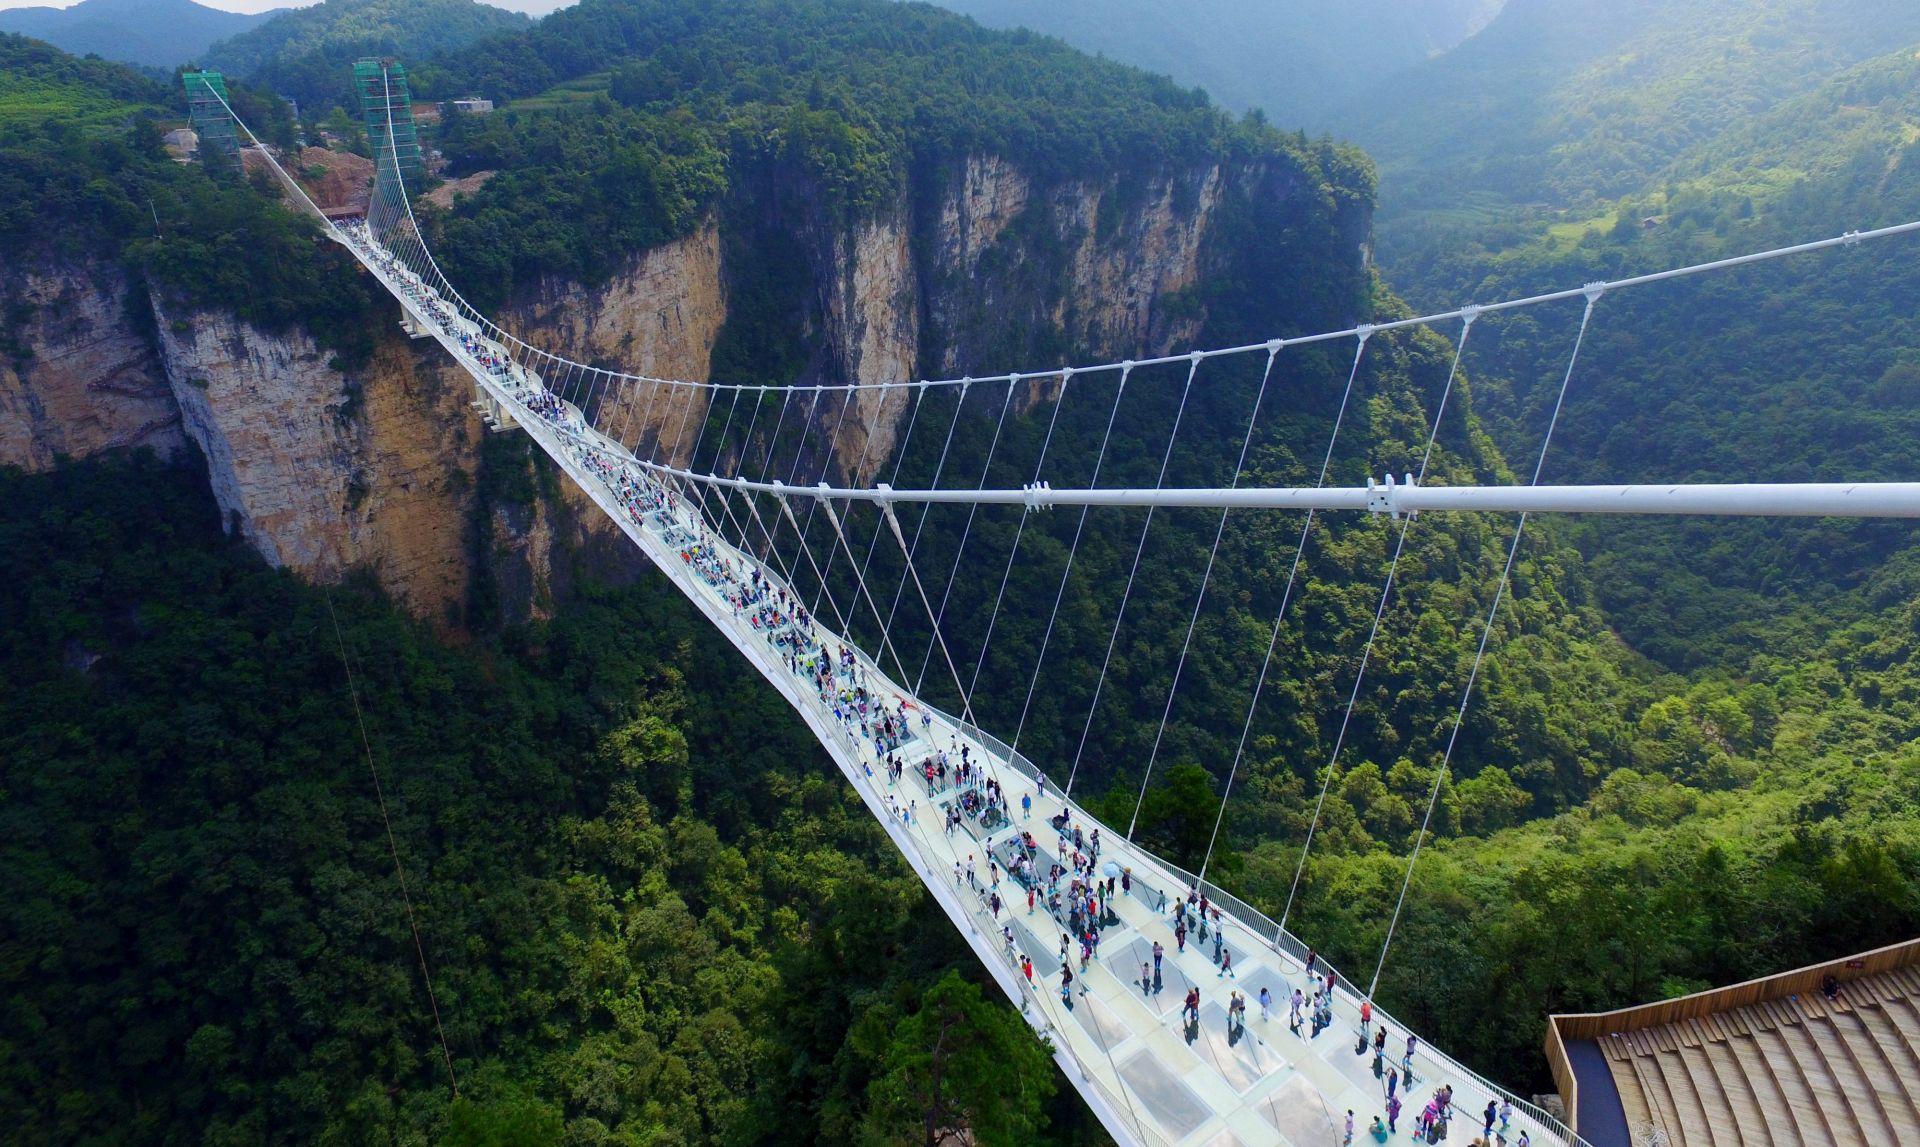 VIDEO: AVATAR PLANINE U Kini otvoren najviši i najduži stakleni most na svijetu